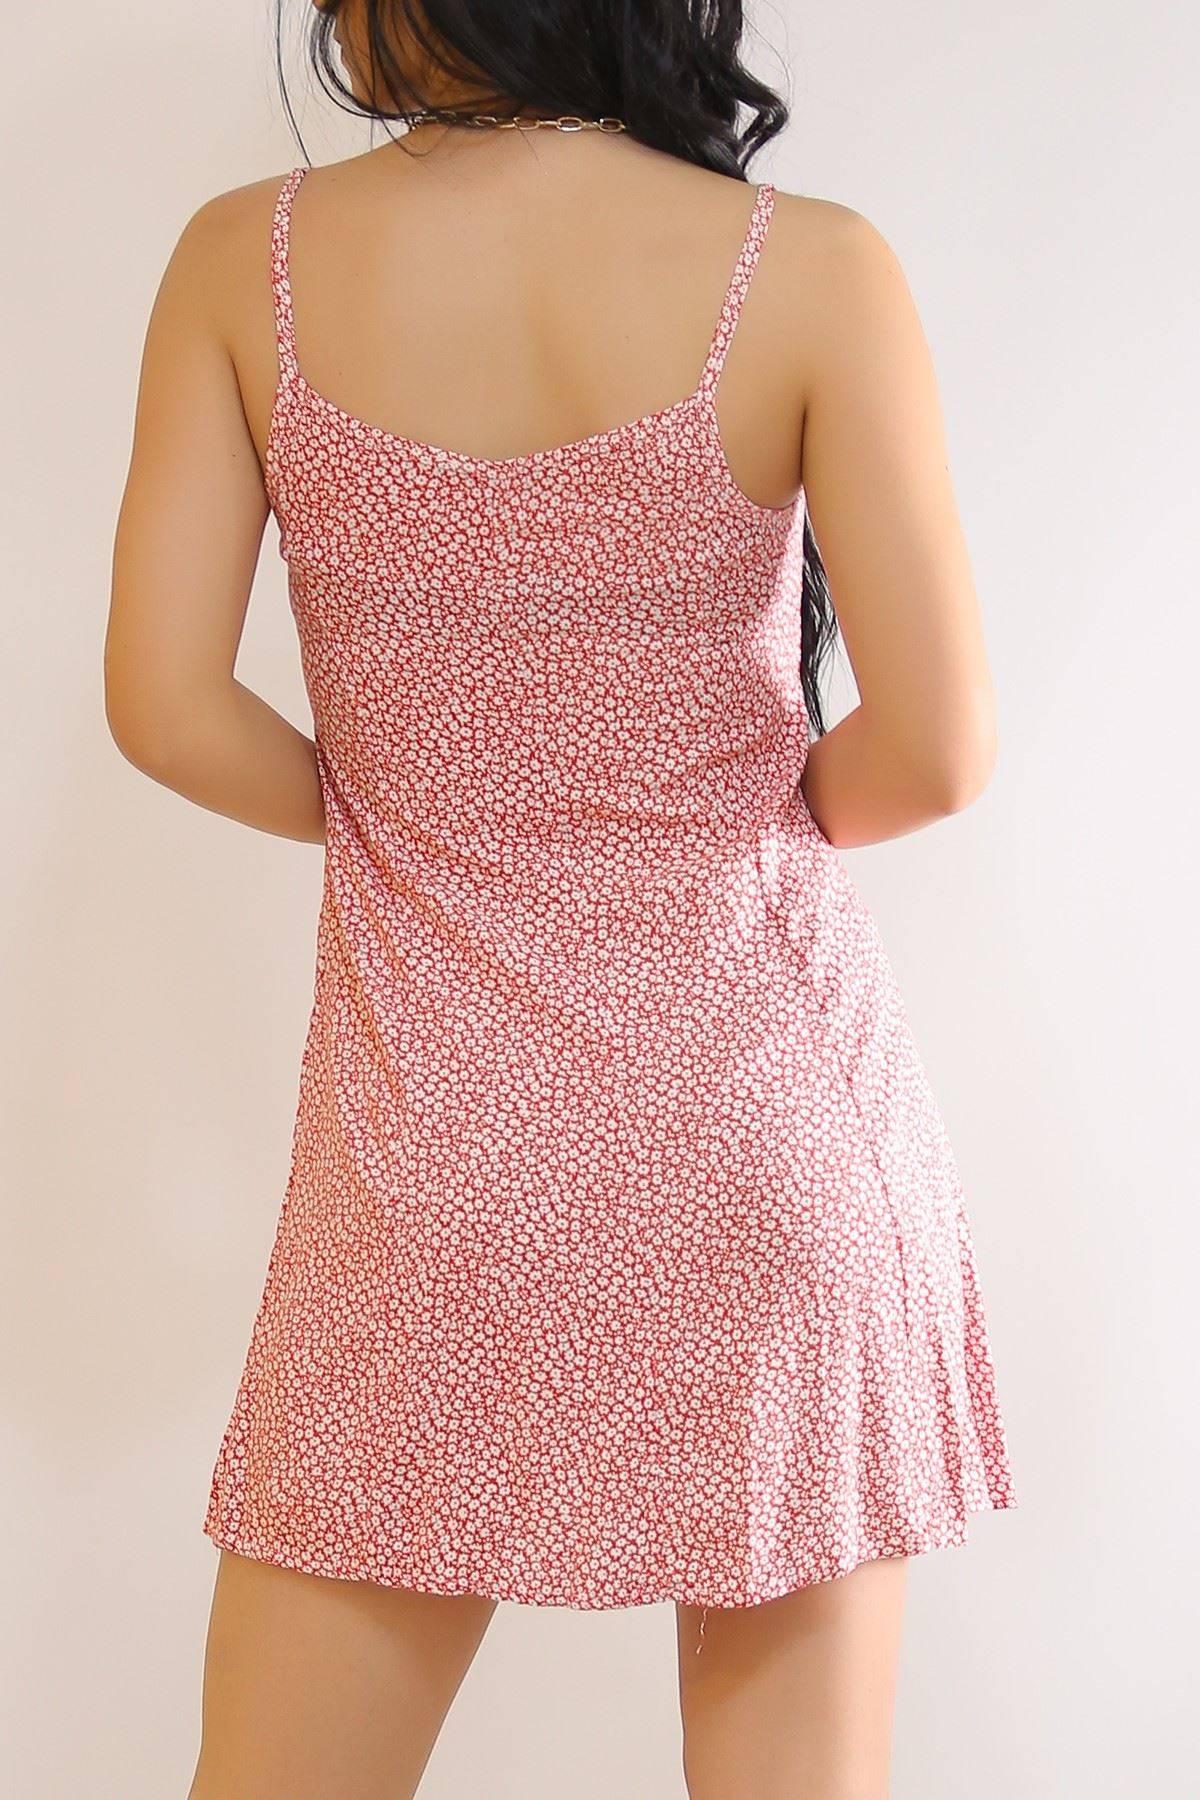 İp Askılı Elbise Kırmızı - 6079.1153.